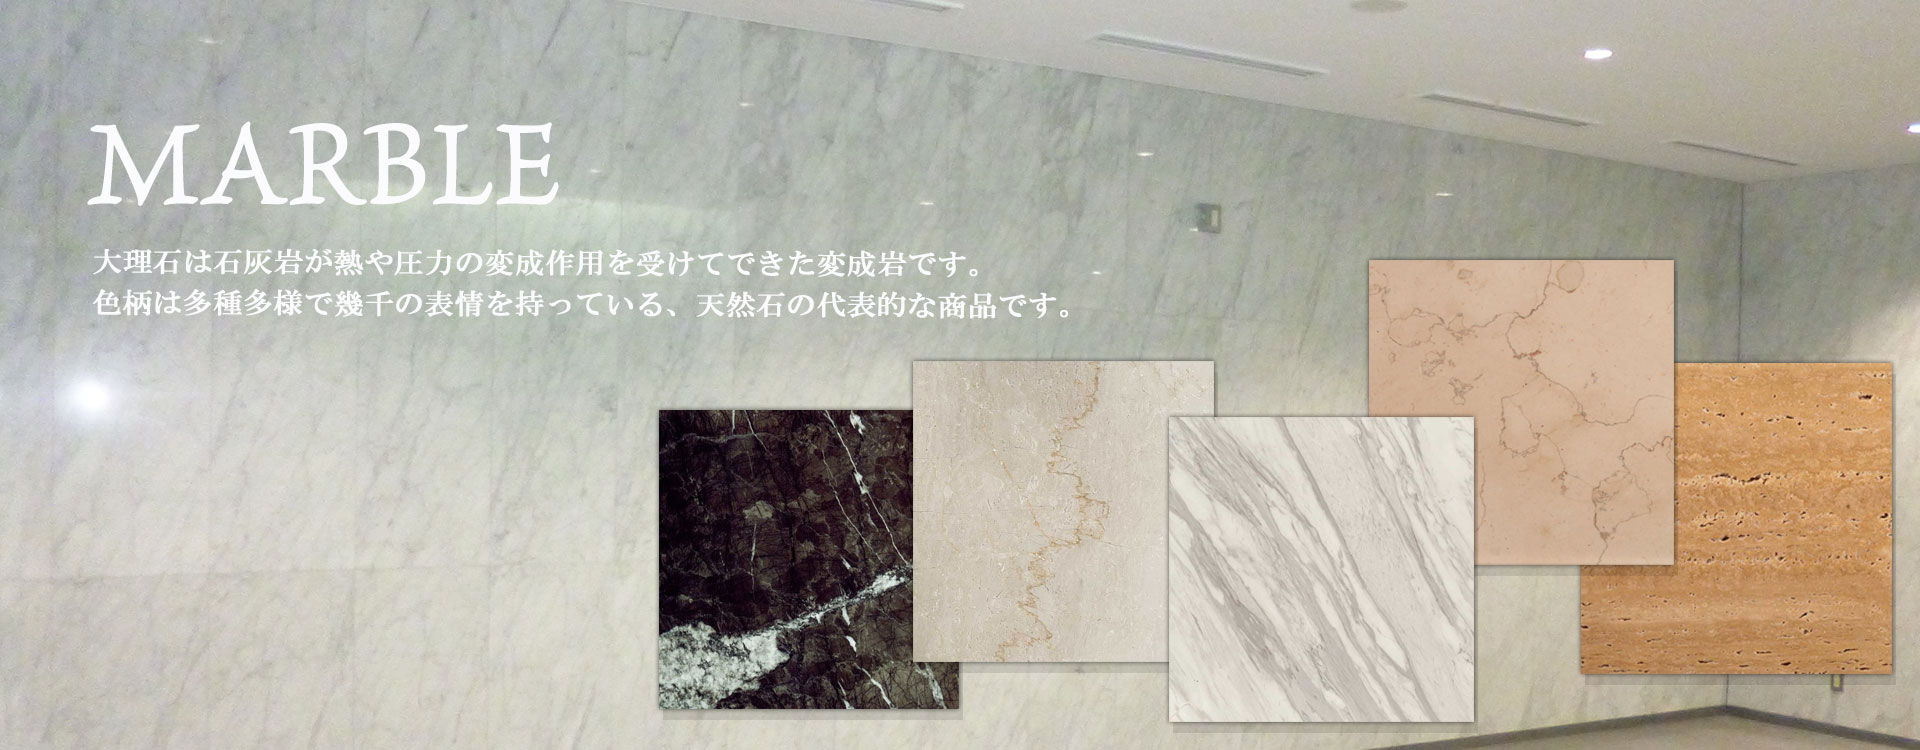 パンこね台 大理石 御影石 関ヶ原石材 テーブル STガーデン 400角 岐阜 関ヶ原 天板 石のネット通販